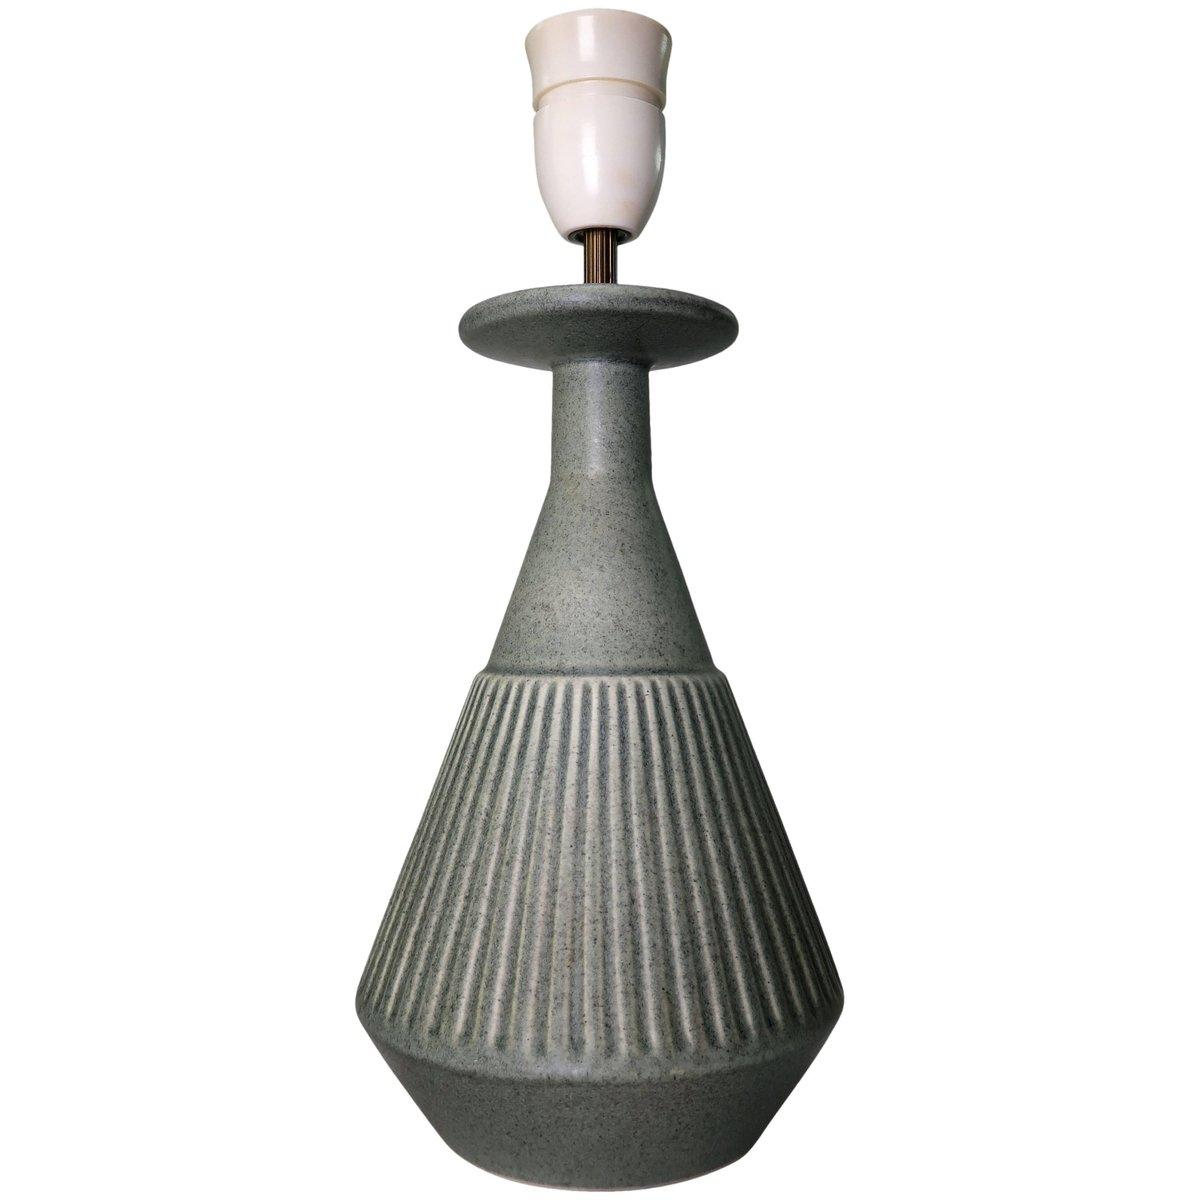 Handgemachte dänische Lampe aus Steingut in Salbeigrün von Soholm, 196...